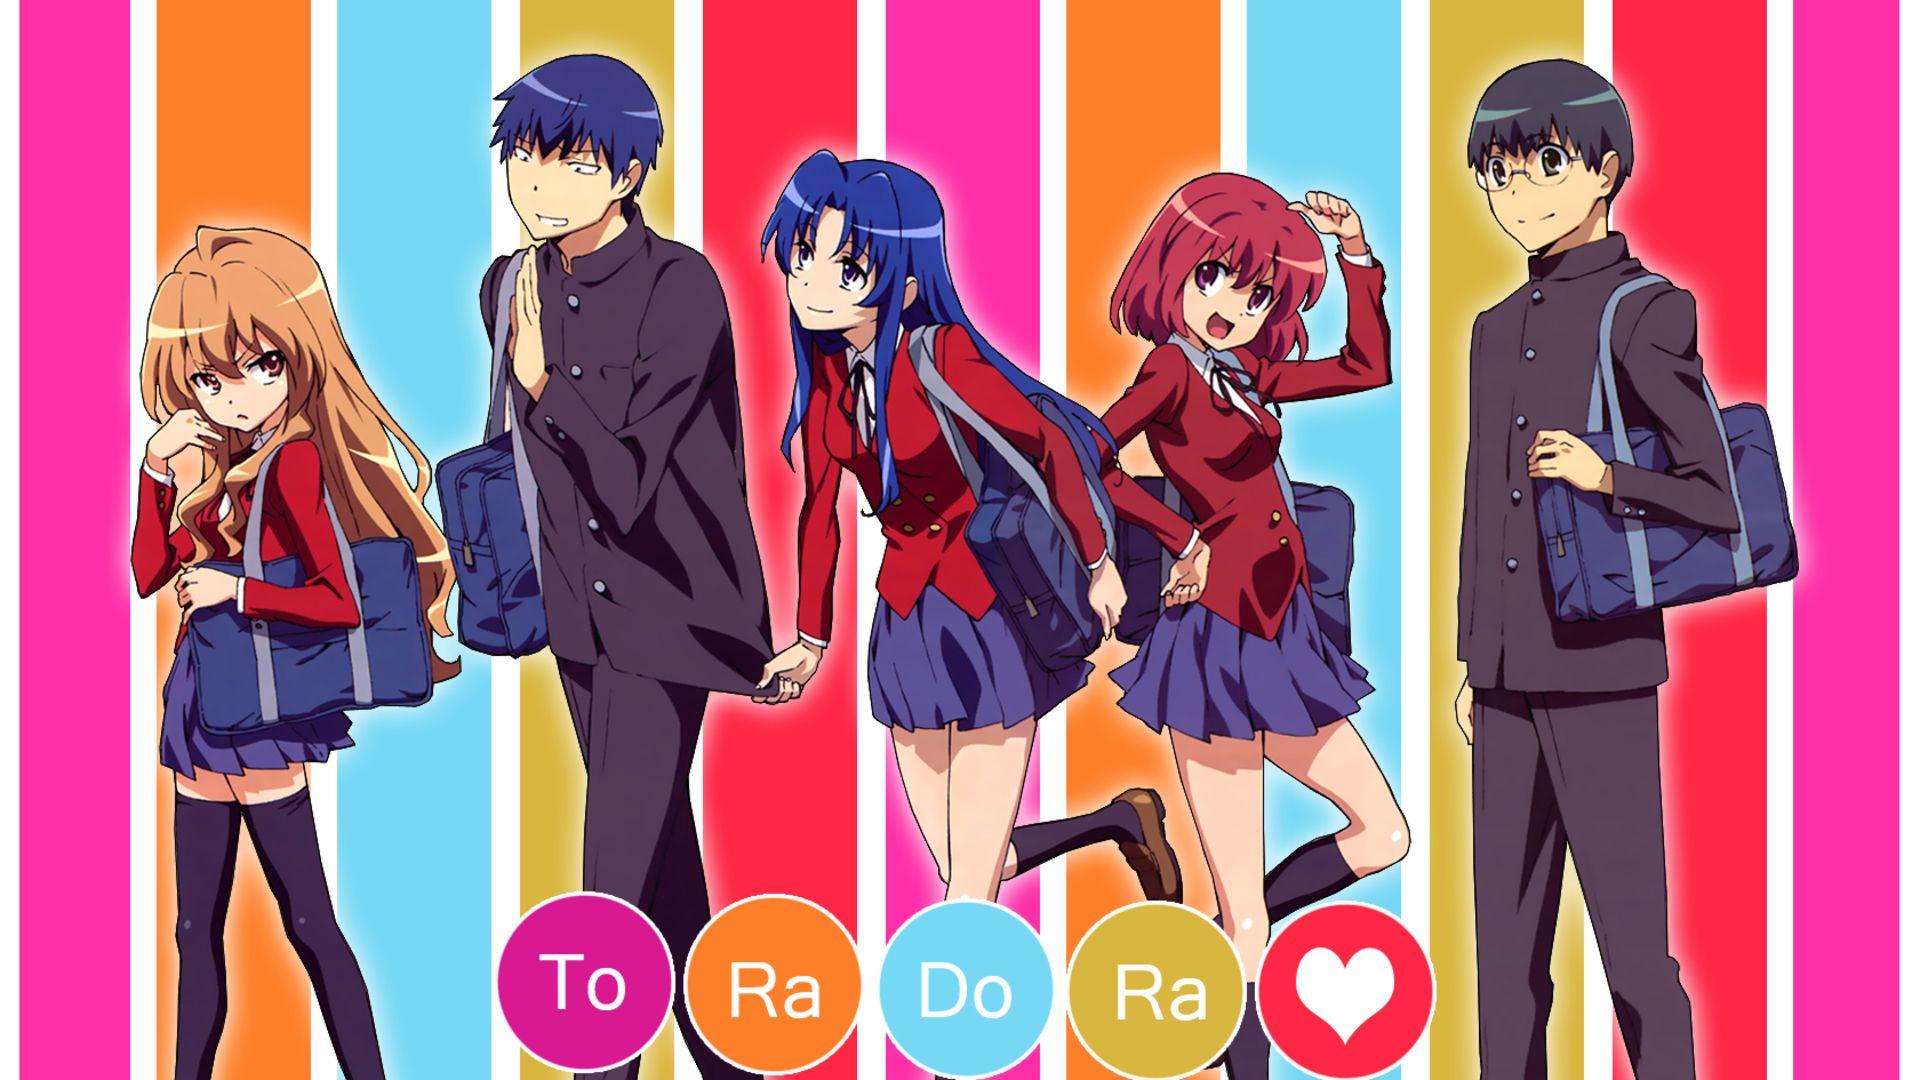 Pin de Diana Armijos en Anime Toradora, Anime romance, Anime